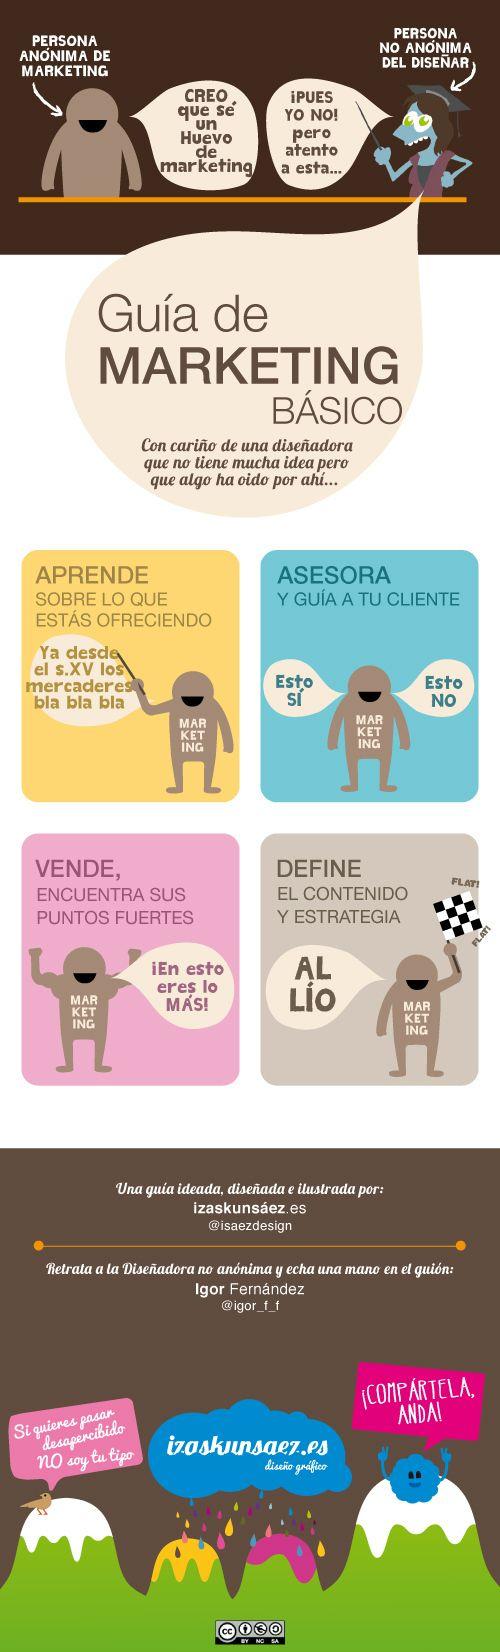 Guía de marketing básico #infografia